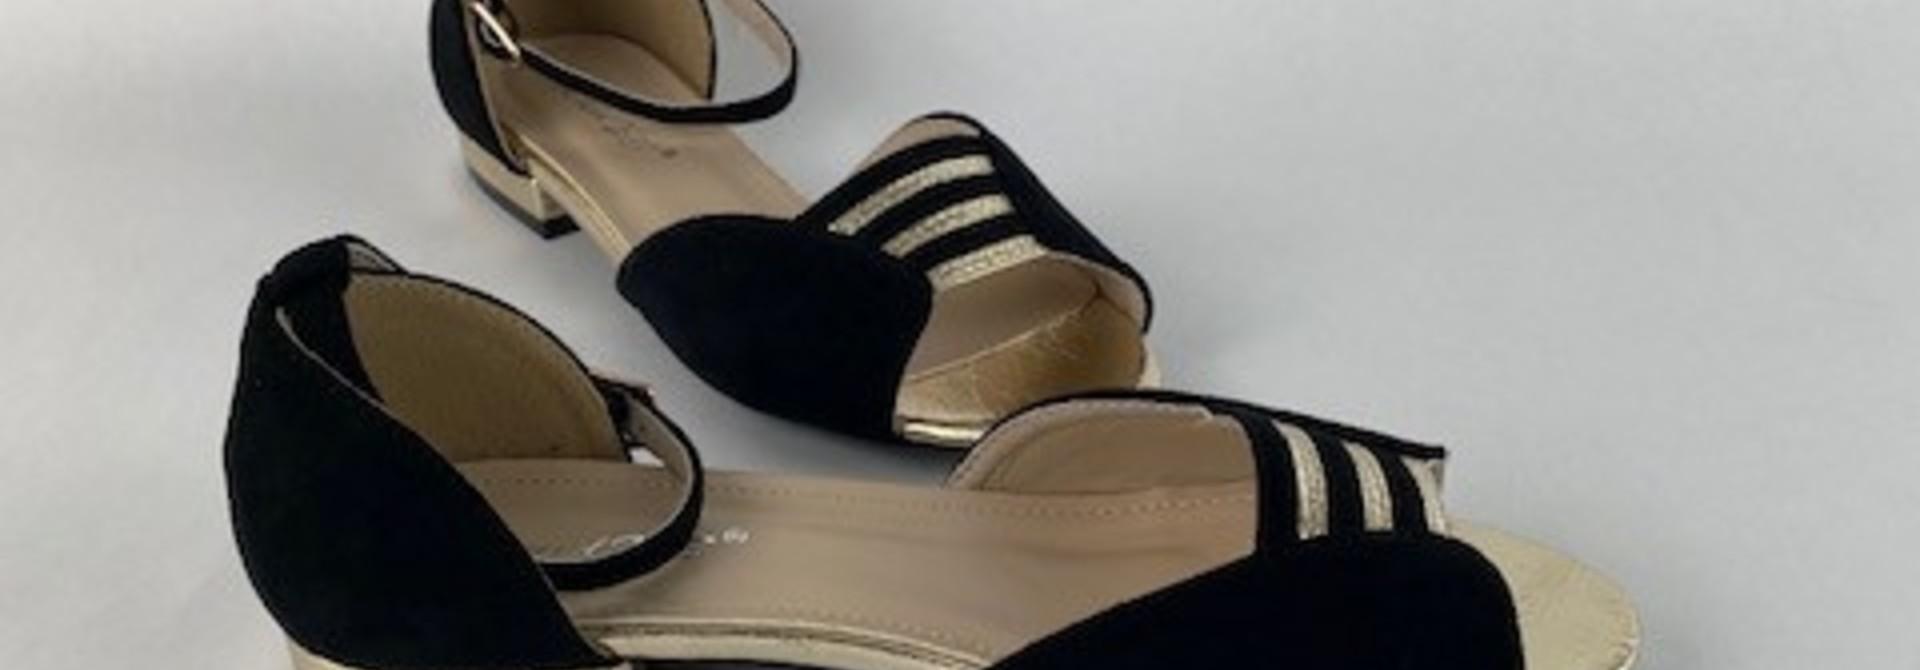 Baloji sandel Black